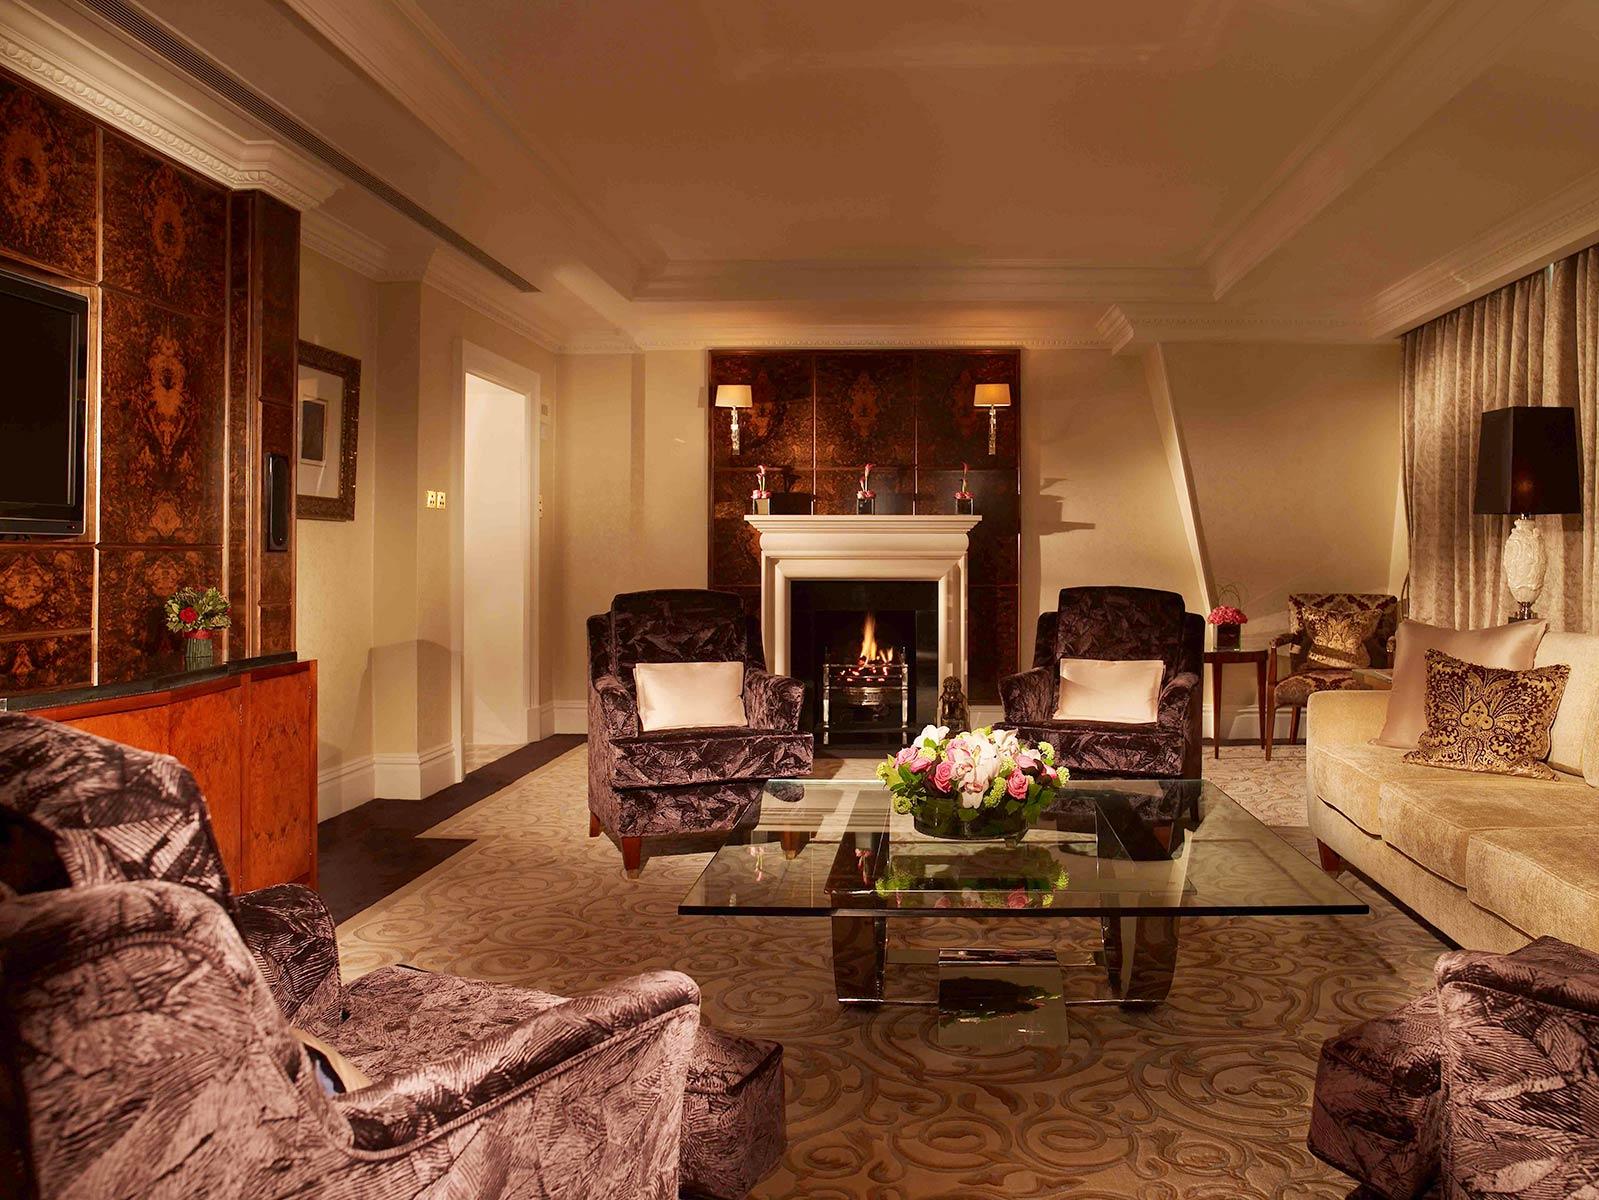 Presidential Suite | 160sqm